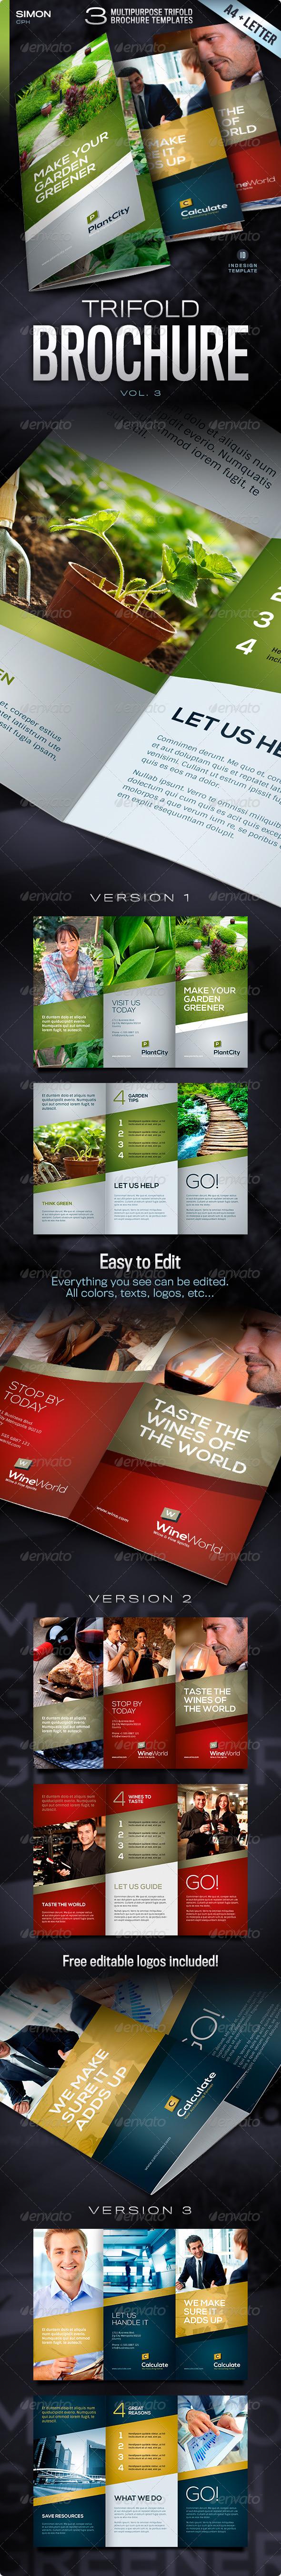 GraphicRiver Trifold Brochure Vol 3 4657202